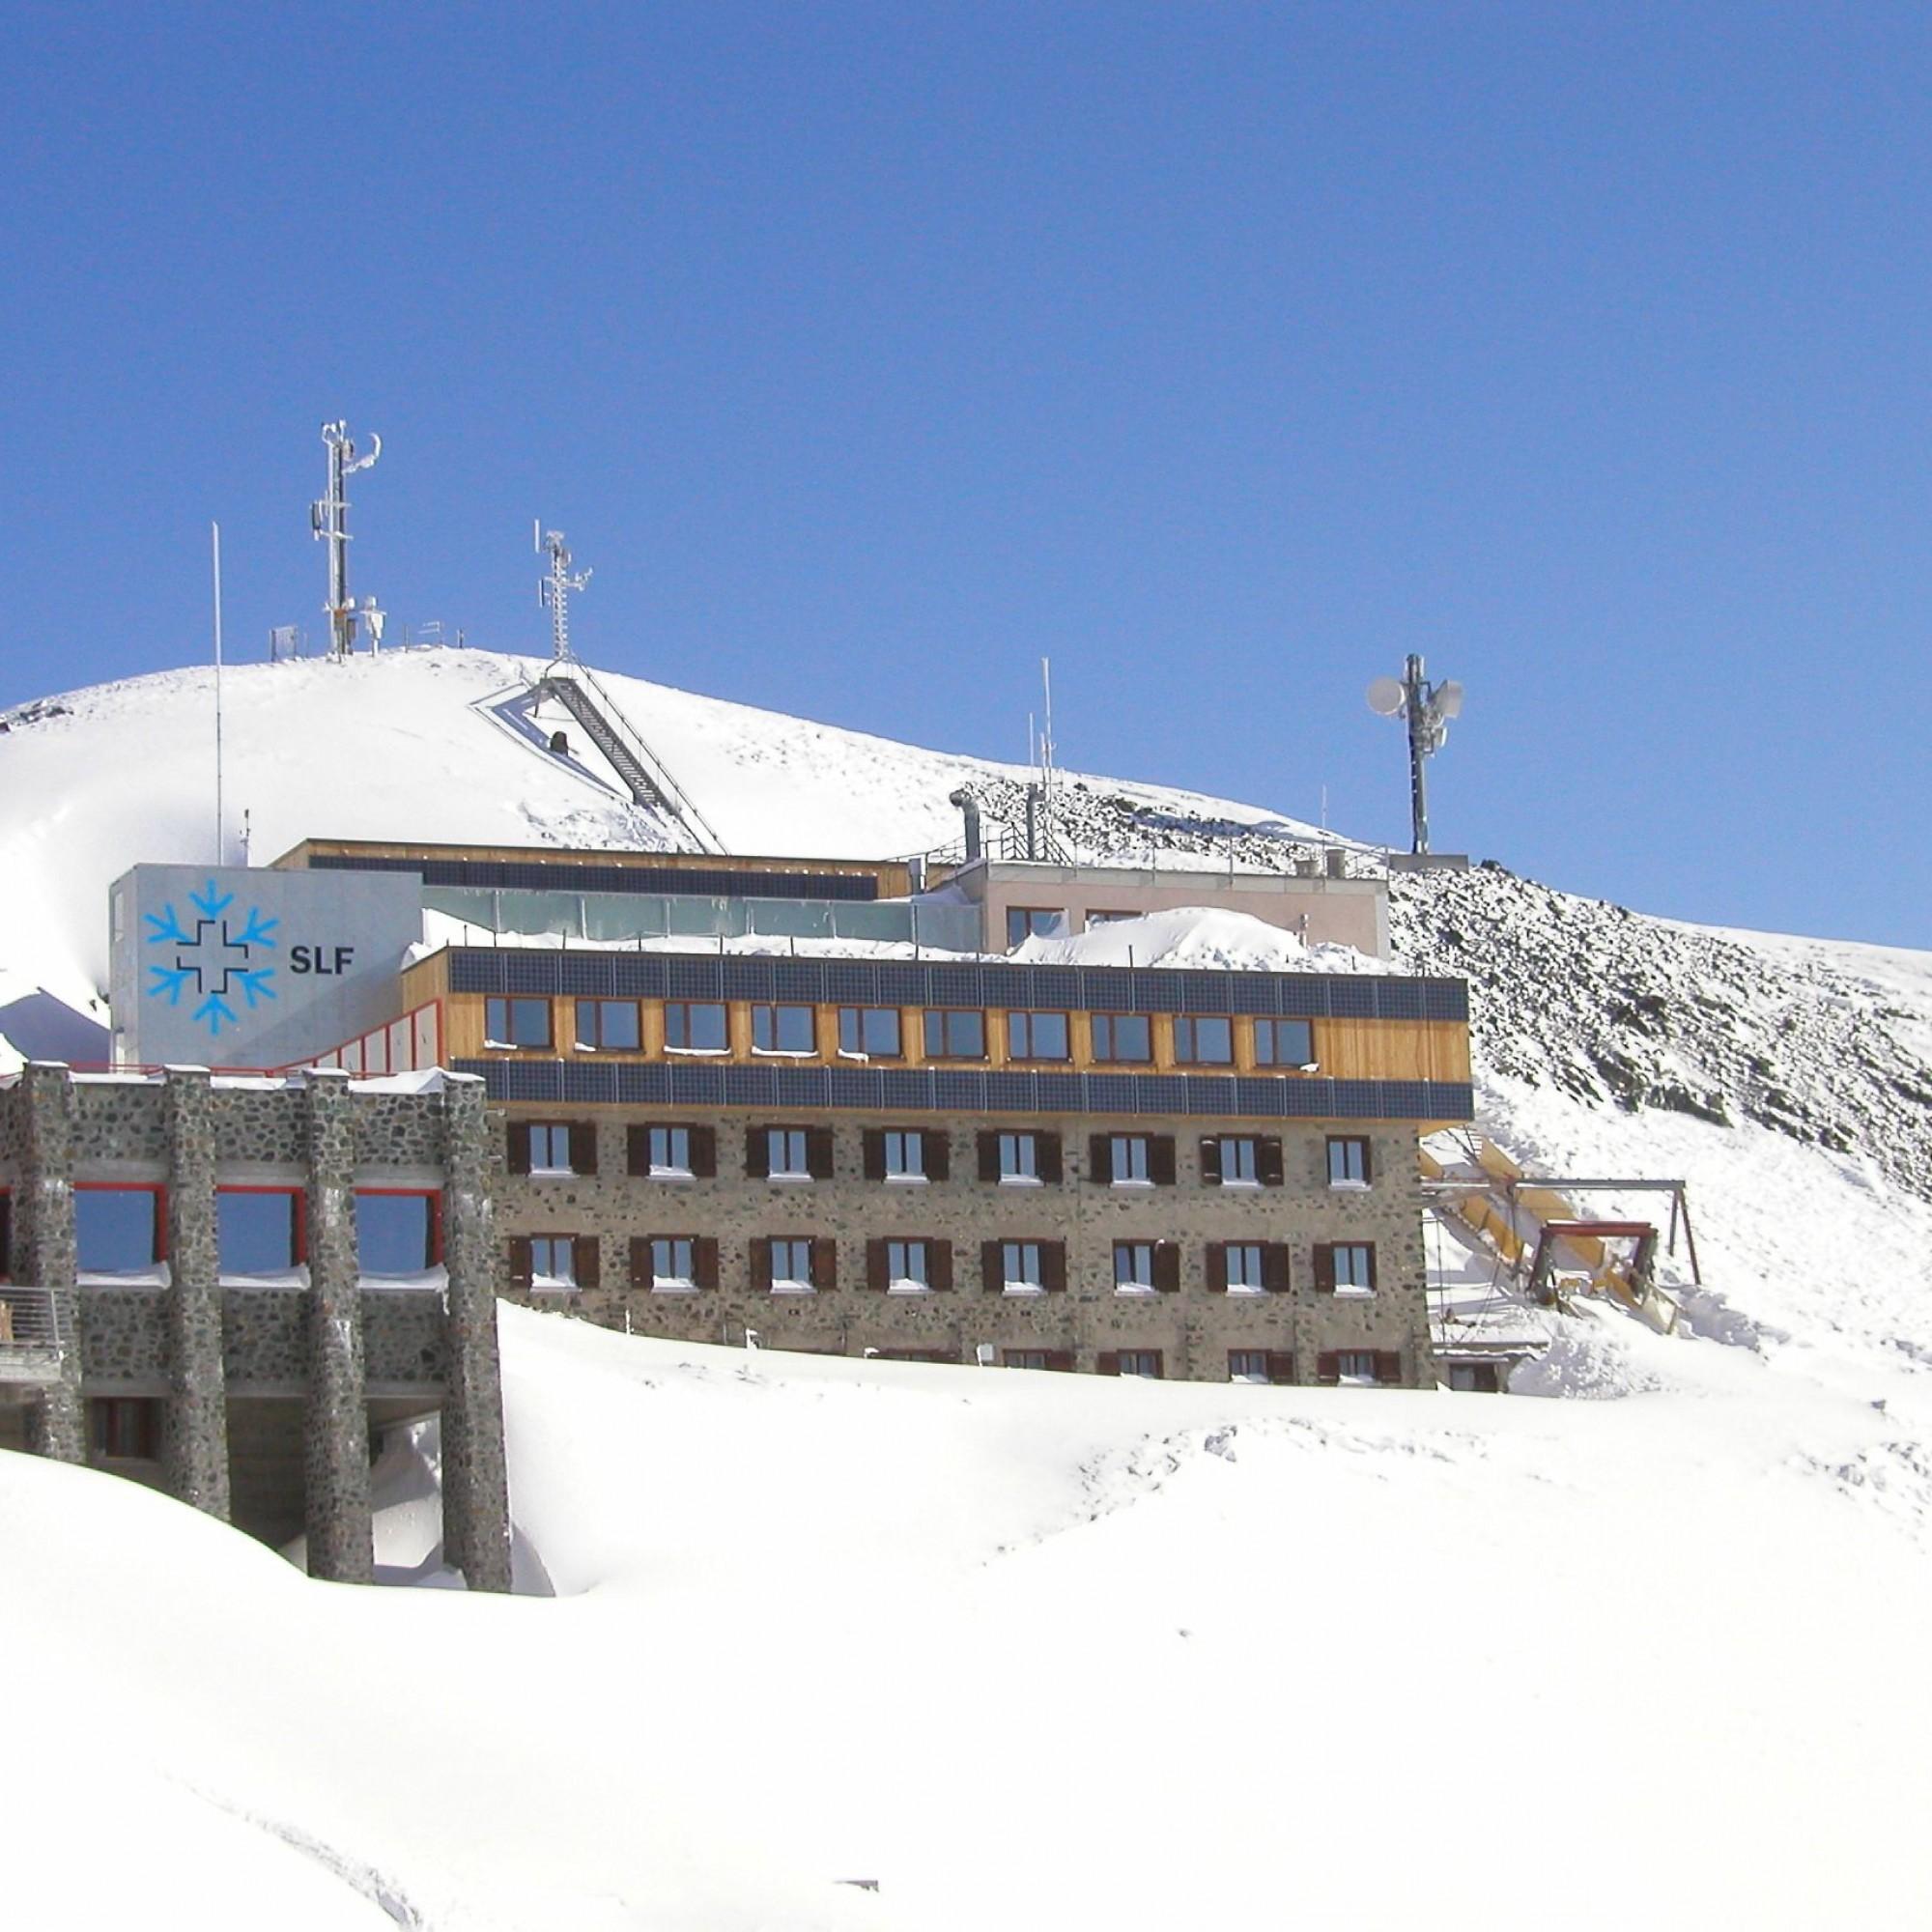 Institutsgebäude SLF, Weissfluhjoch Davos